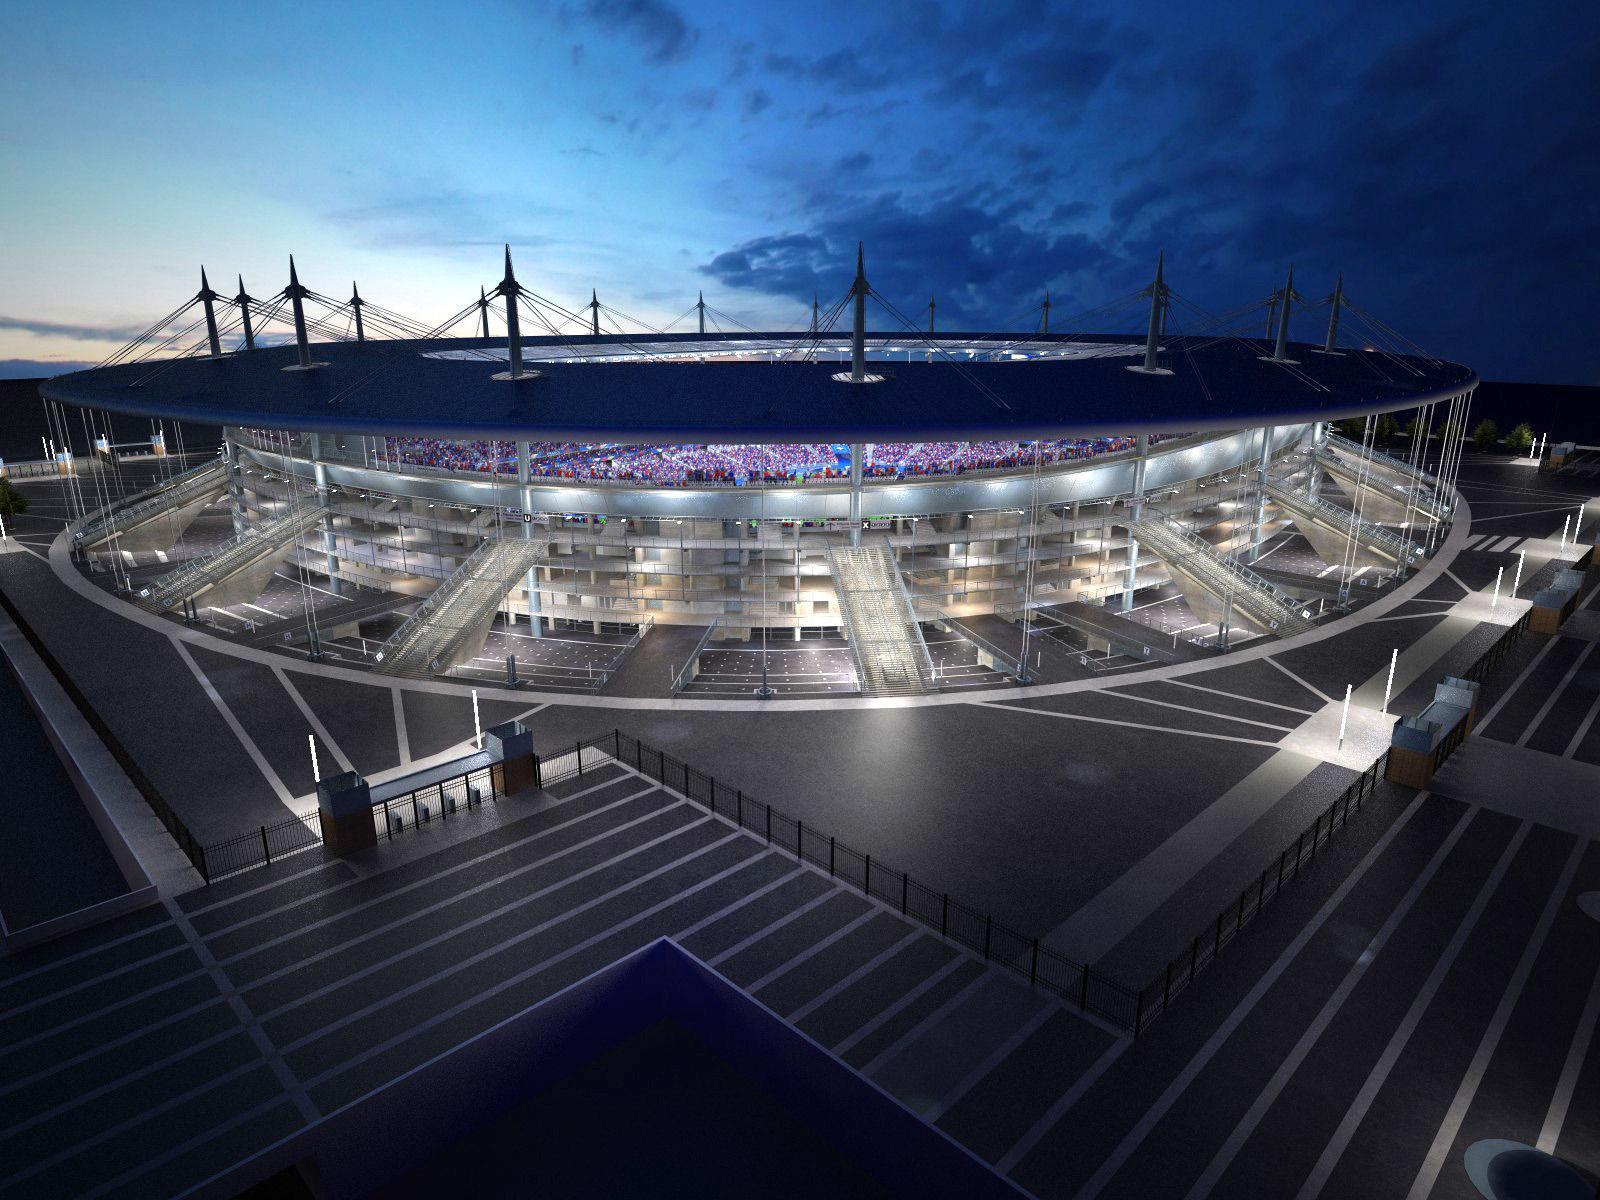 Stade de france 3d model max obj 3ds fbx c4d lwo lw lws - Superficie stade de france ...